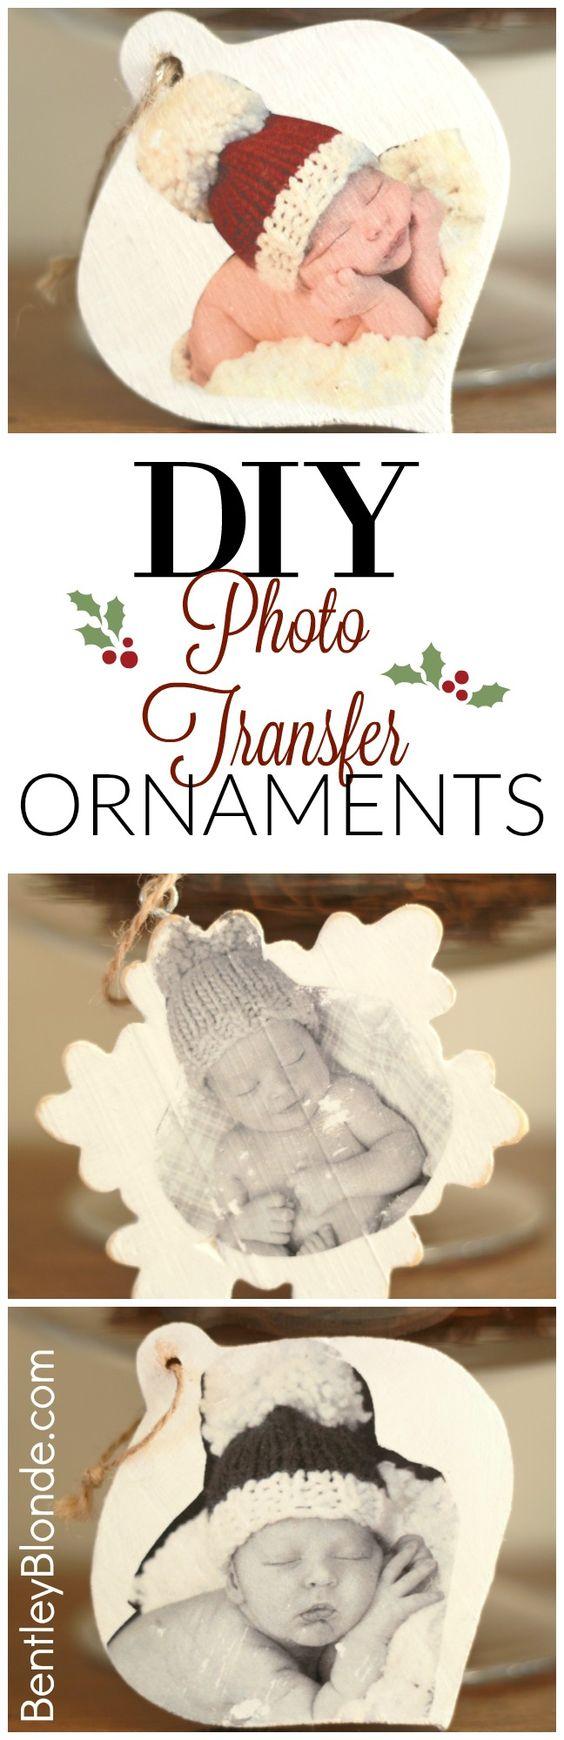 Transferência de foto DIY para enfeites de madeira de Natal.